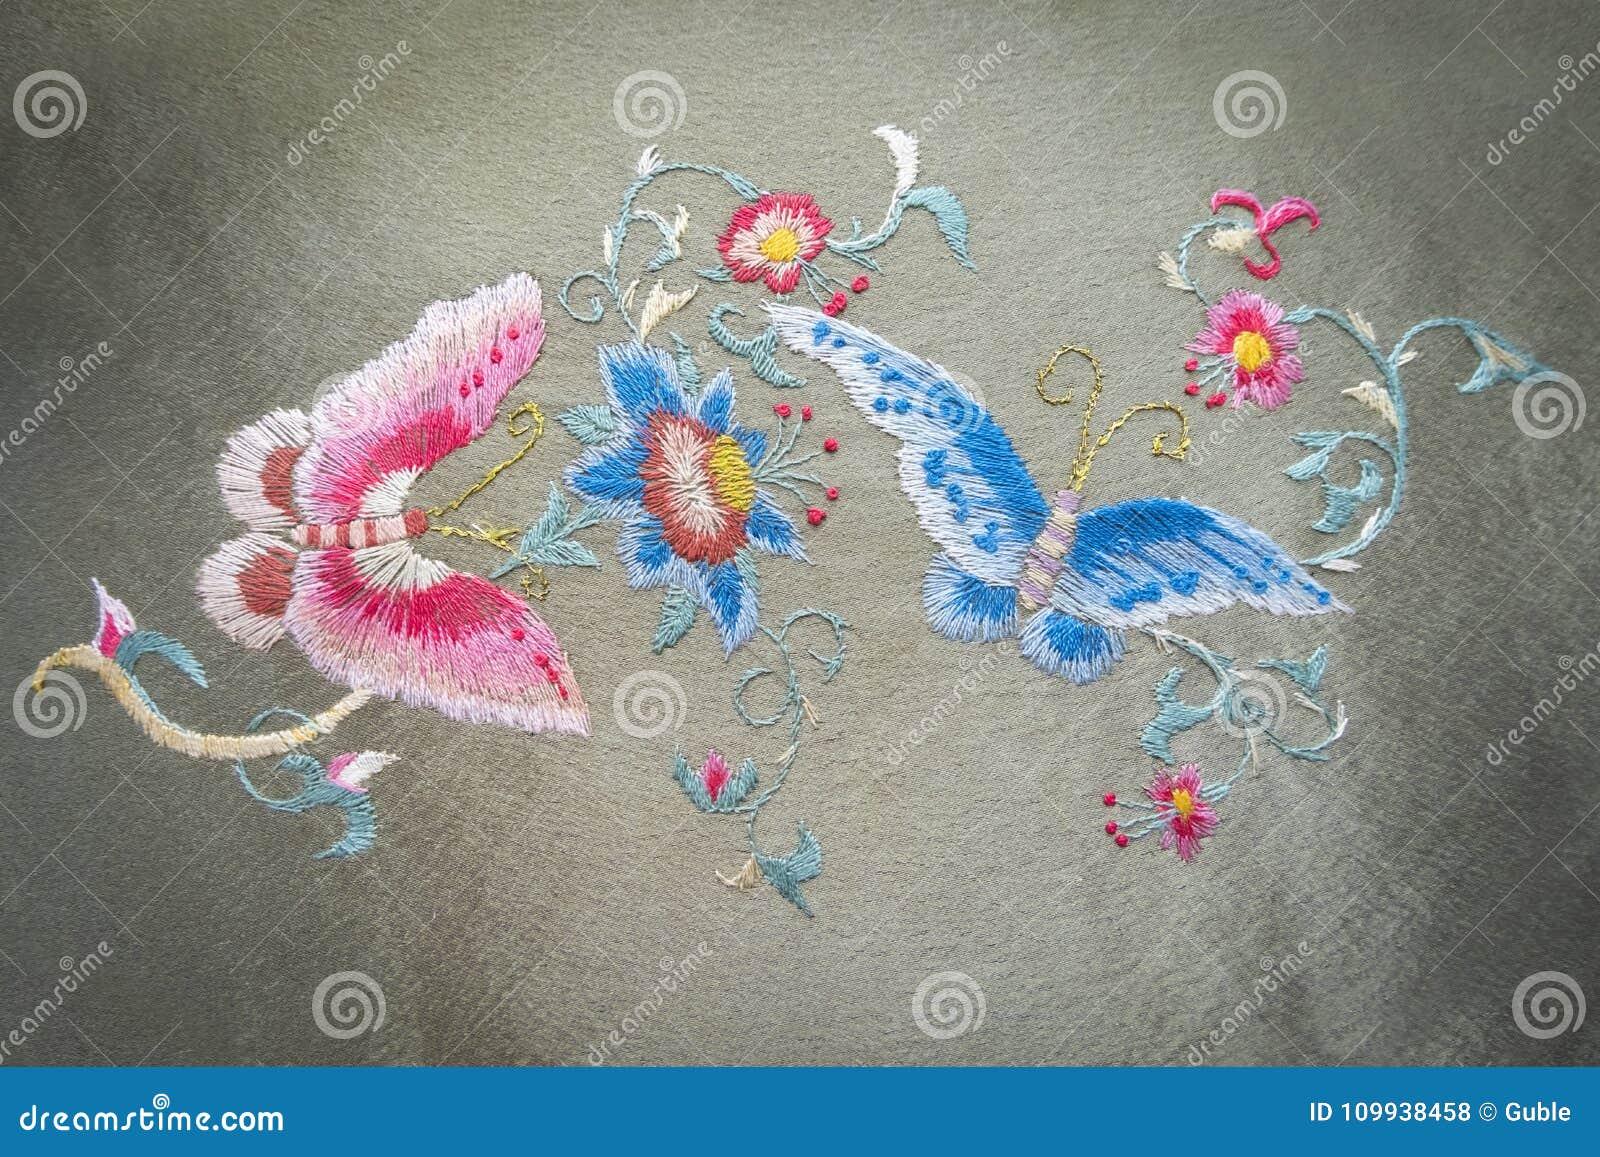 Ricamo A Mano.Ricamo Delle Farfalle E Dei Fiori Della Pittura Fatto A Mano